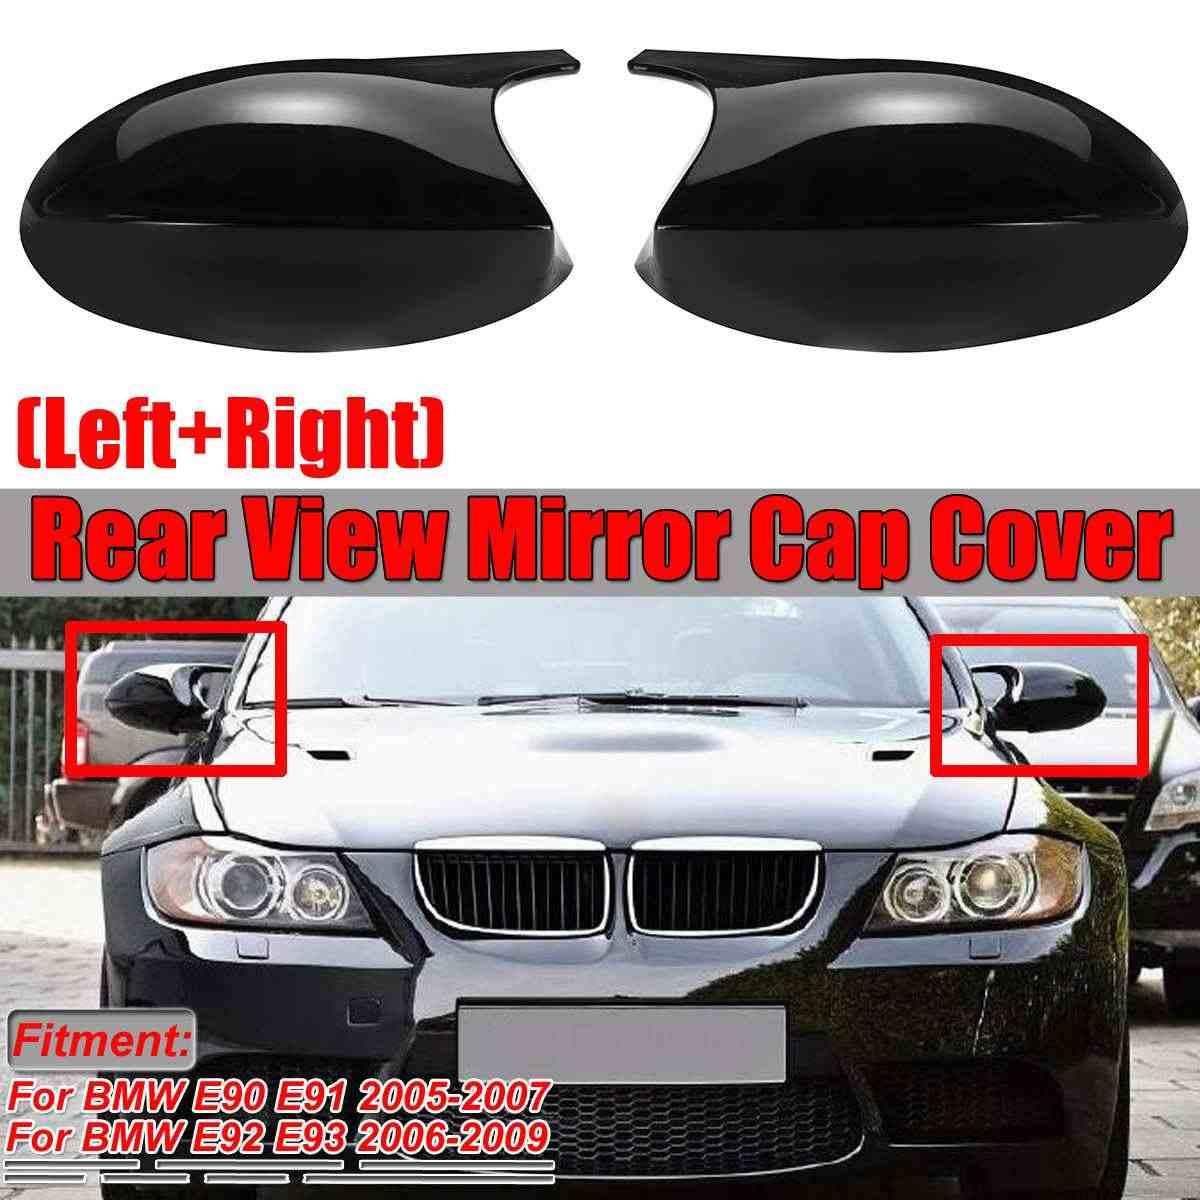 M3 look carbon fiber replacement side door mirror cover caps for BMW 3 series pre lci E81 E87 E88 E90 E91 E92 E93 2006-2009